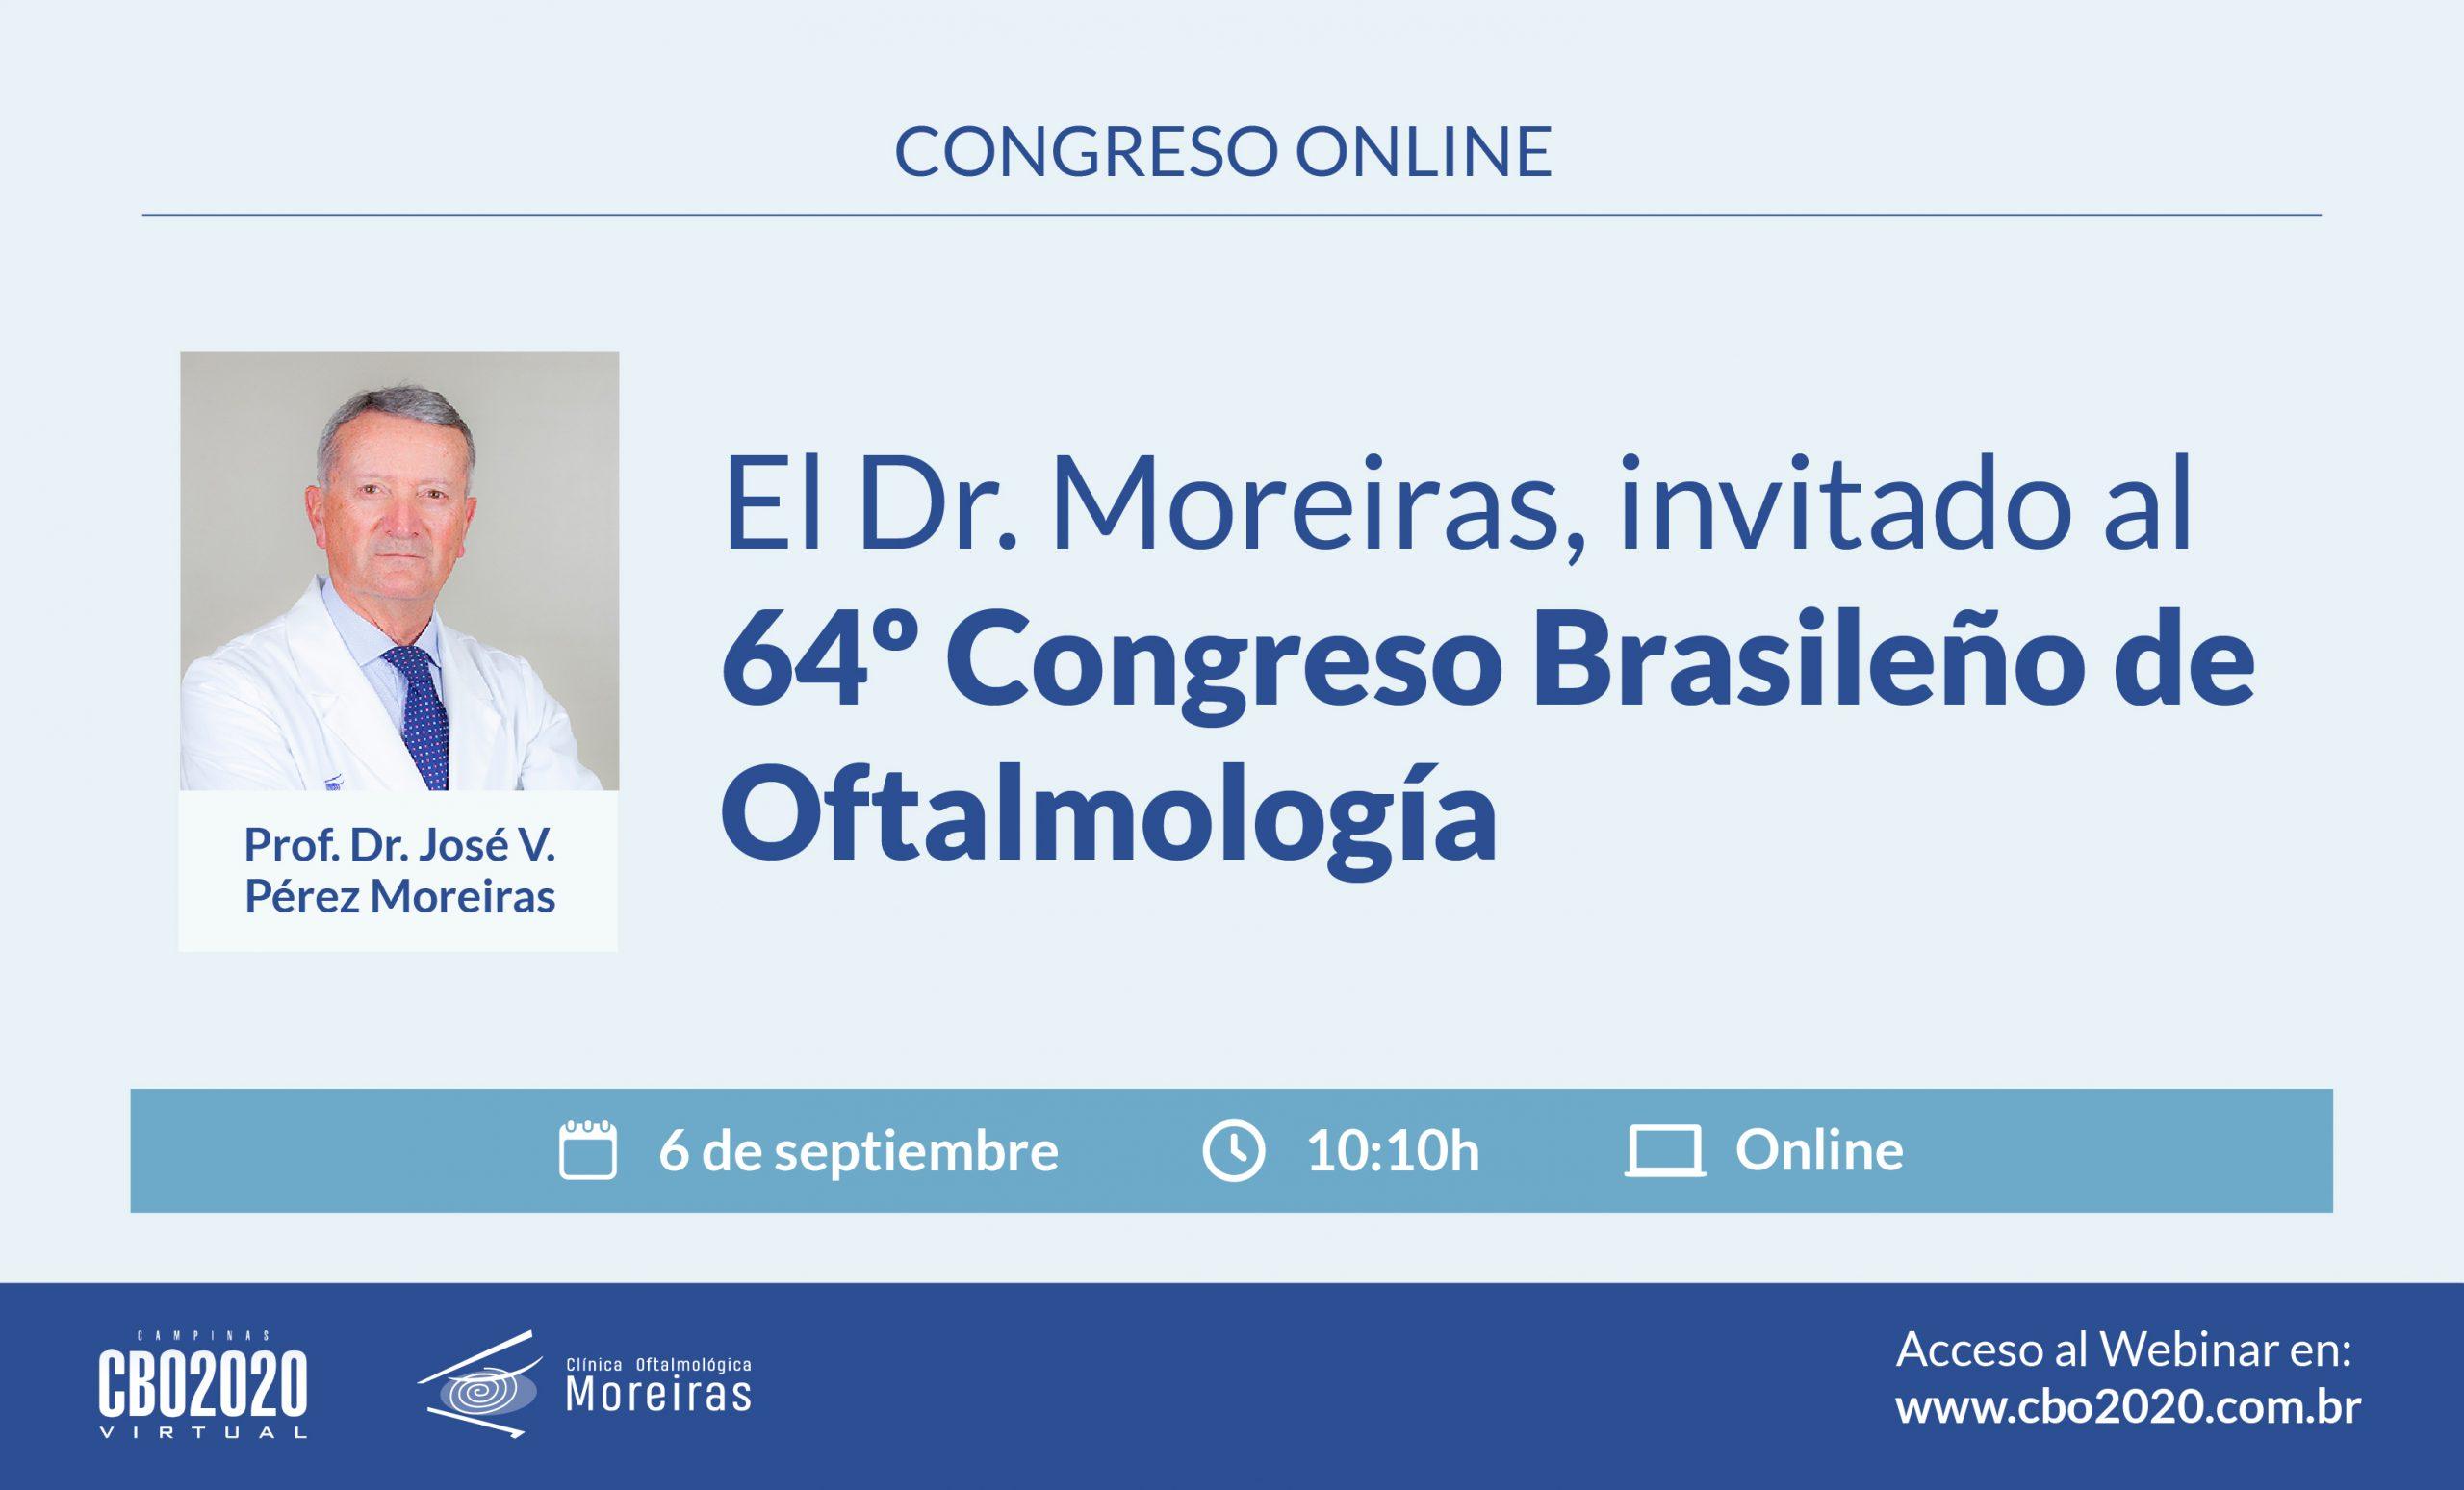 64º Congreso Brasileño de Oftalmología (online)